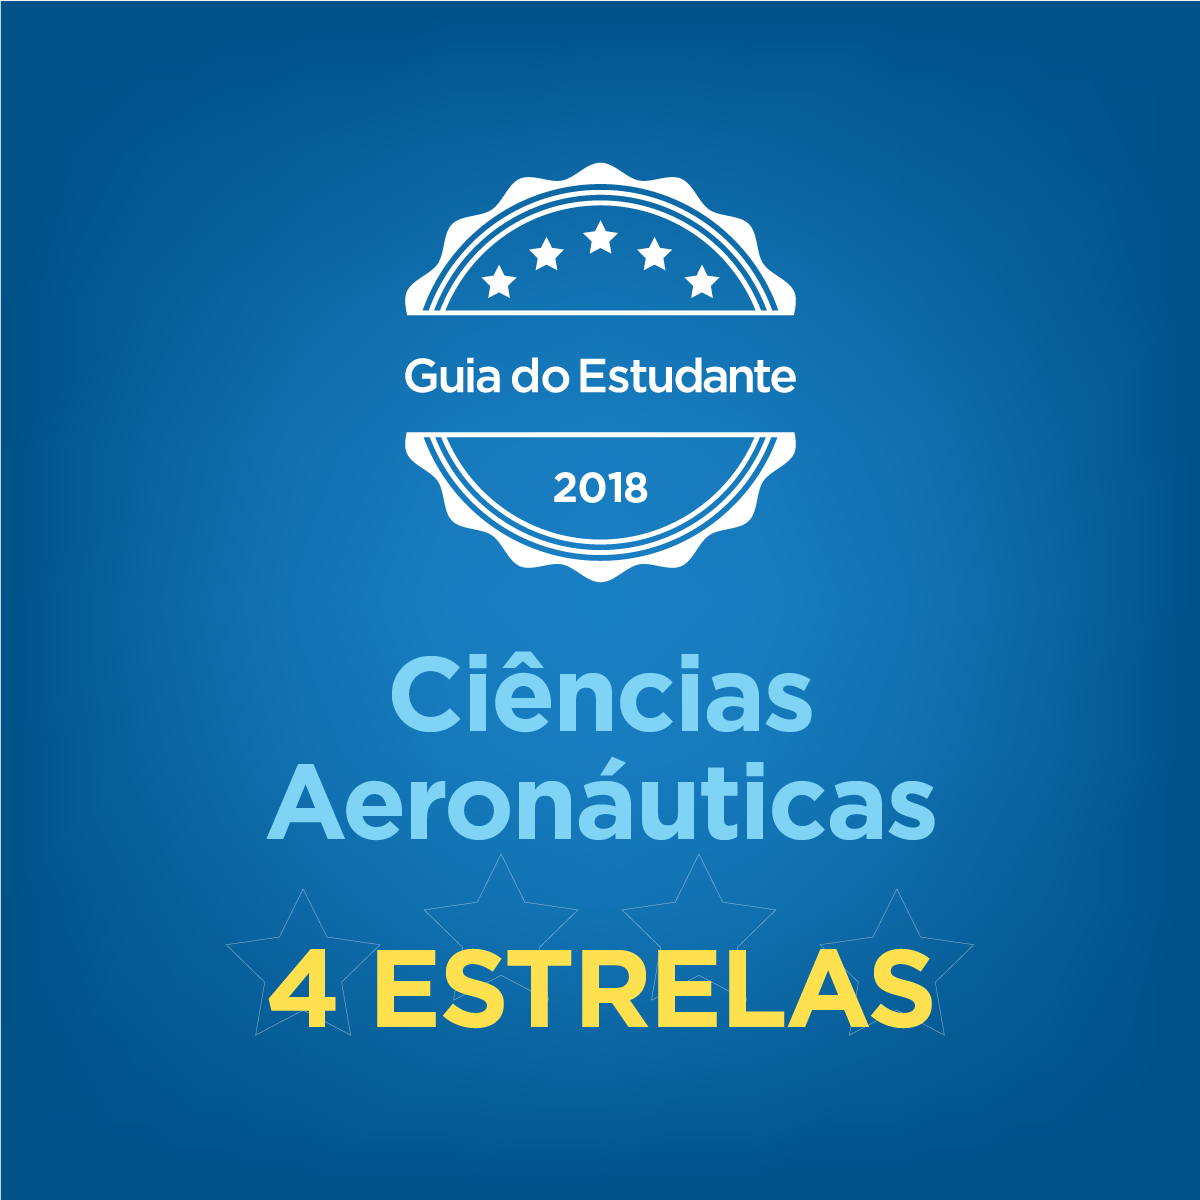 Guia do Estudante Abril - Ciências Aeronauticas